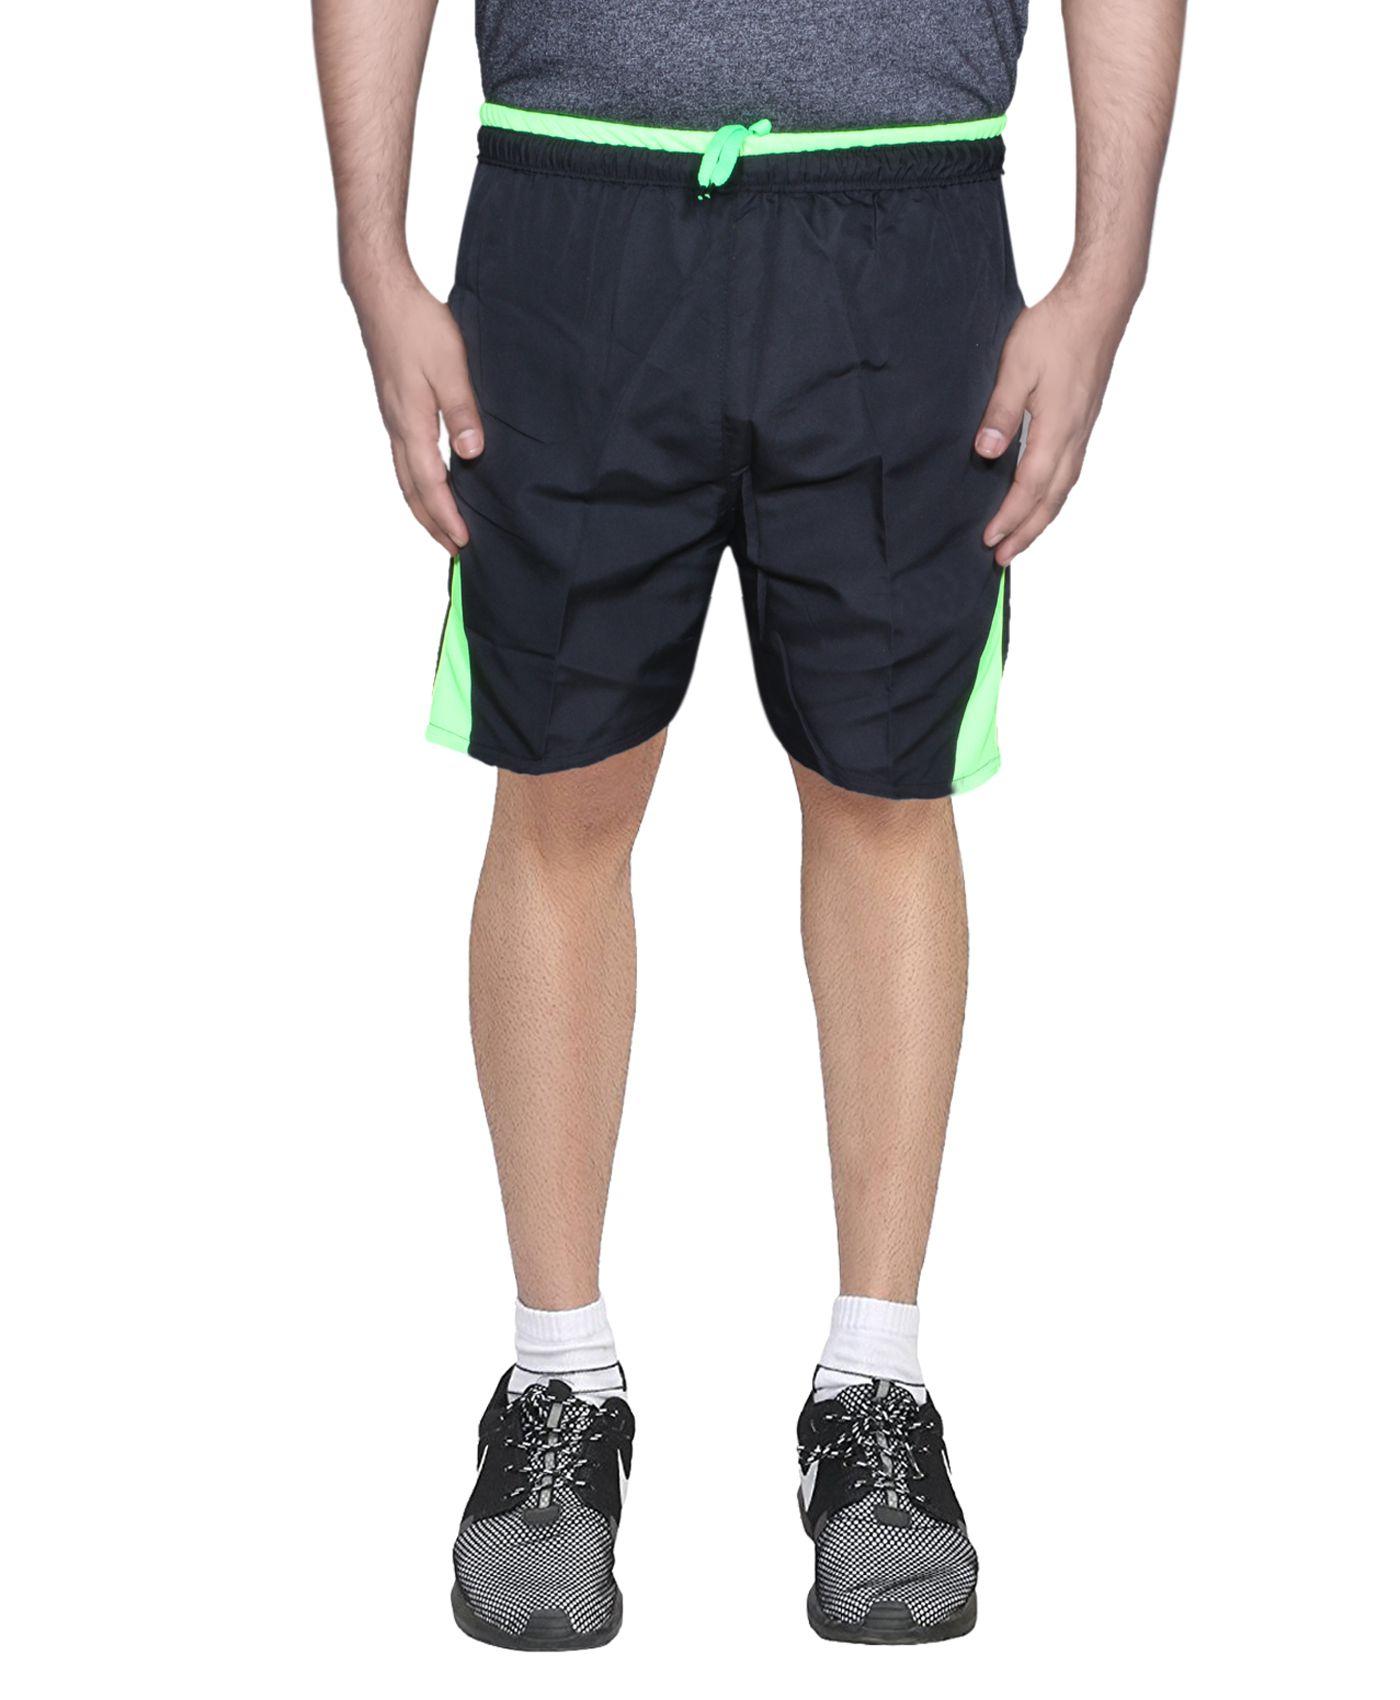 IndiWeaves Black Shorts /Bermuda